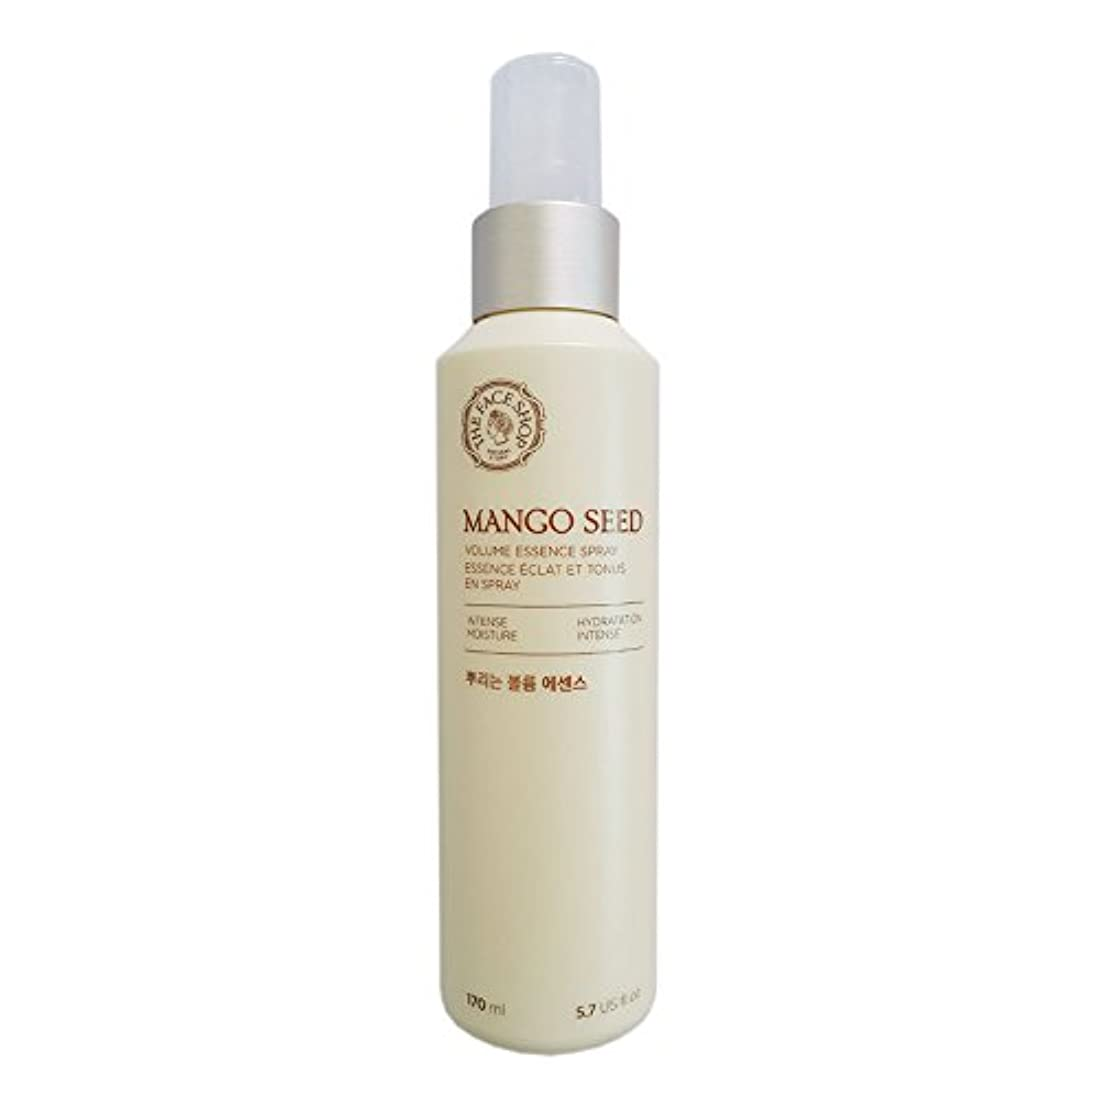 うめき参照構成員[ザフェイスショップ] THE FACE SHOP マンゴシードスプレーボリューム?エッセンス(170ml) The Face Shop Mango Seed Volume Essence Spray (170ml) [...